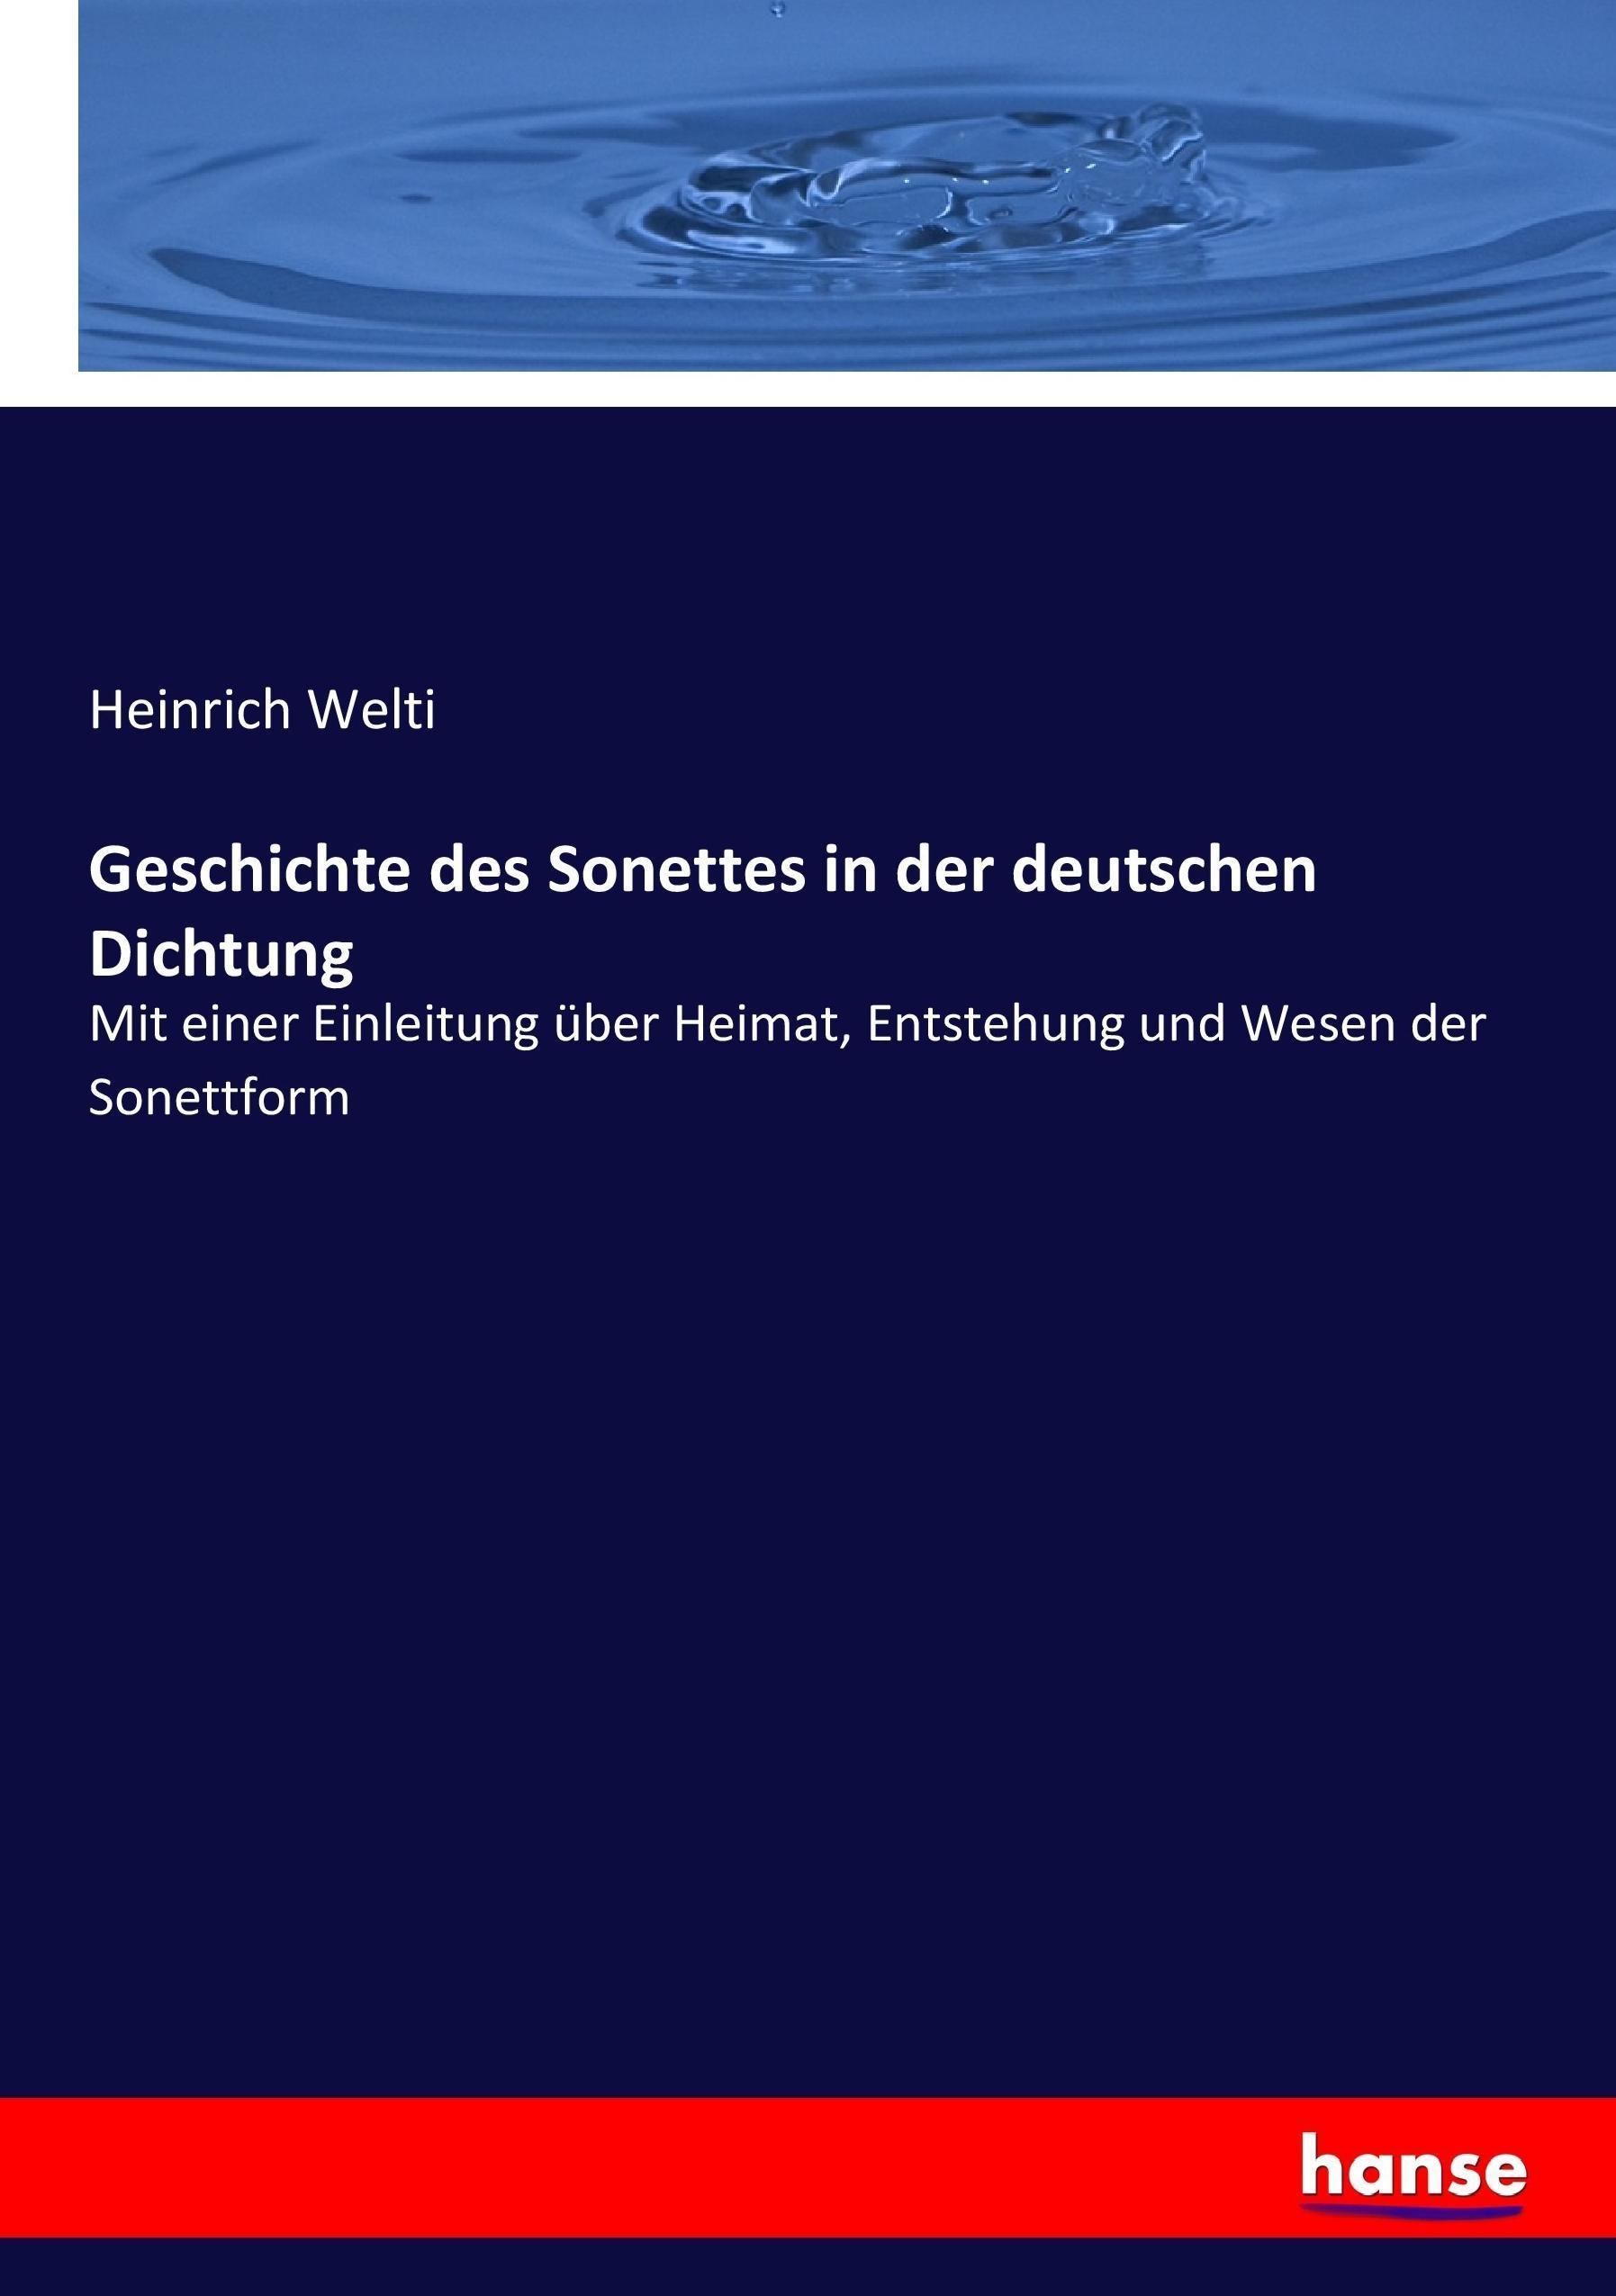 Geschichte-des-Sonettes-in-der-deutschen-Dichtung-Heinrich-Welti